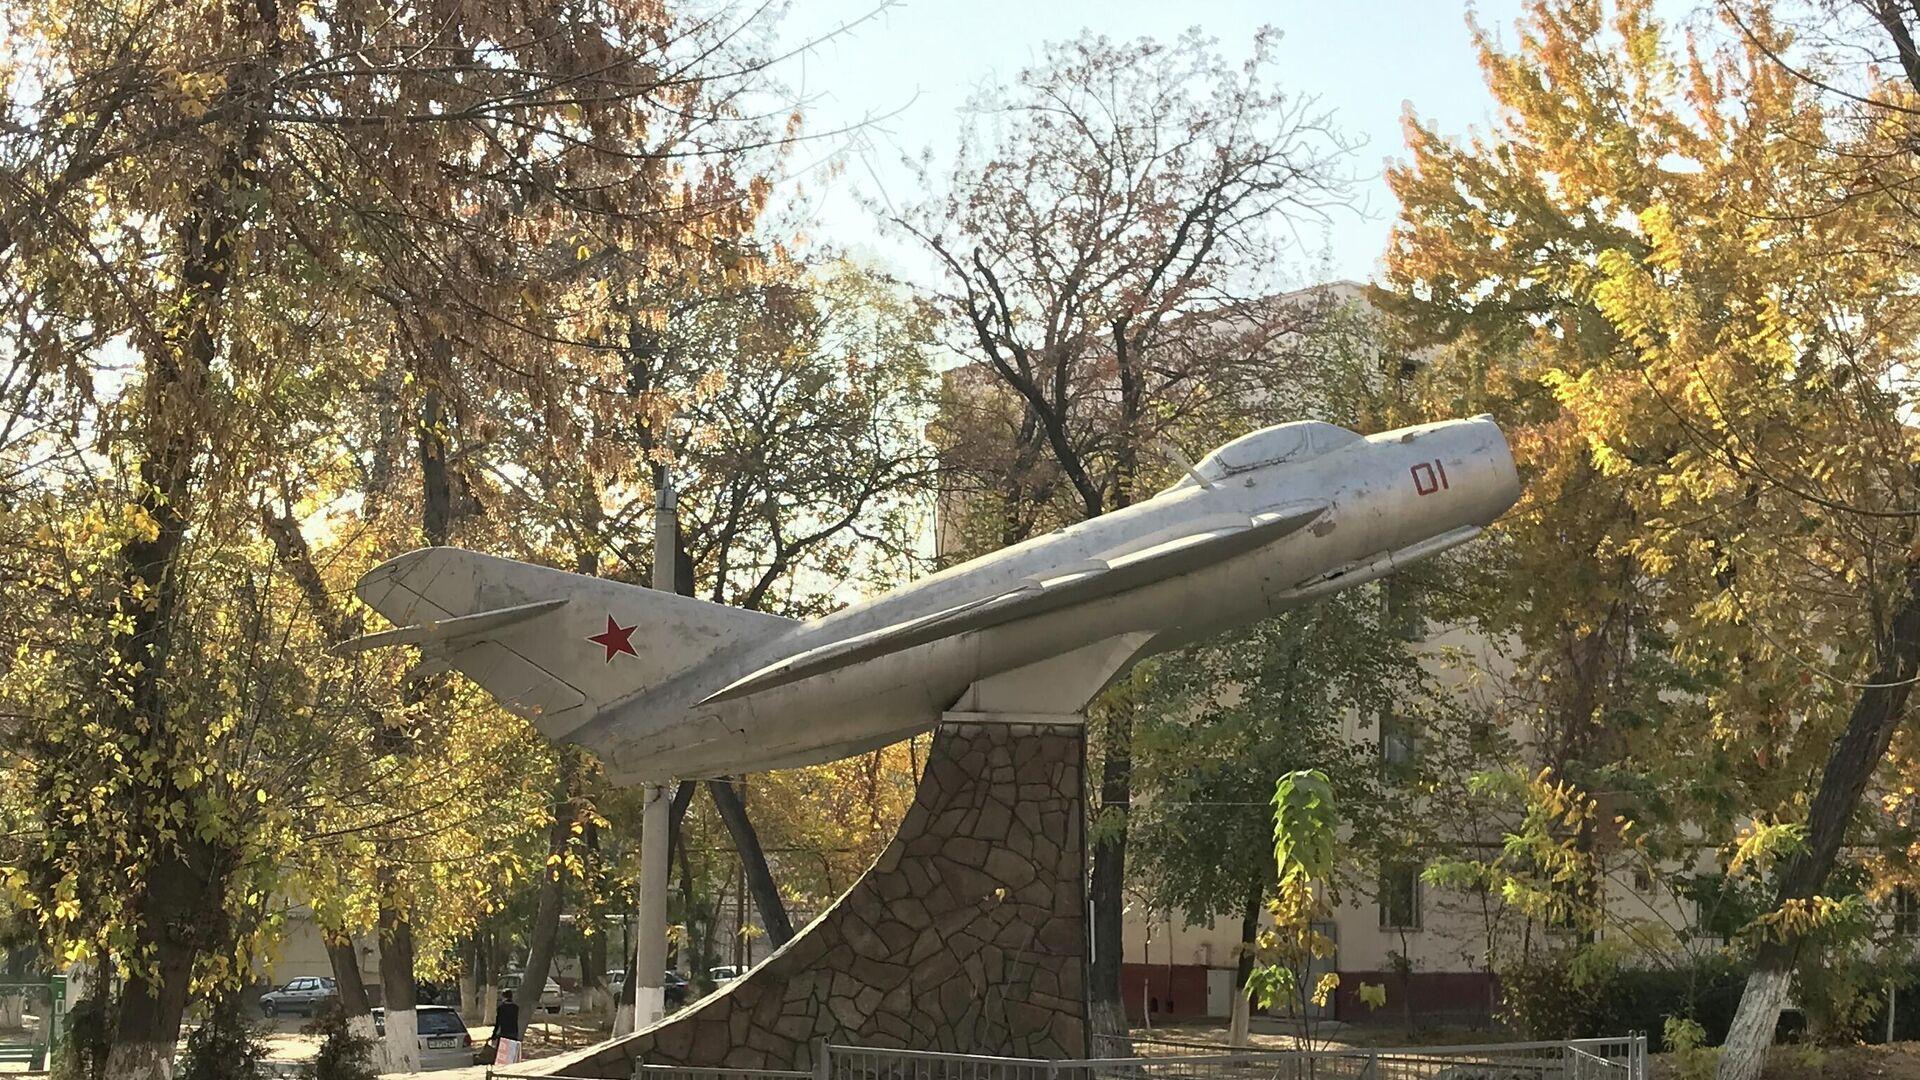 В Ташкенте восстанавливают старый МиГ-17 - Sputnik Узбекистан, 1920, 04.10.2021